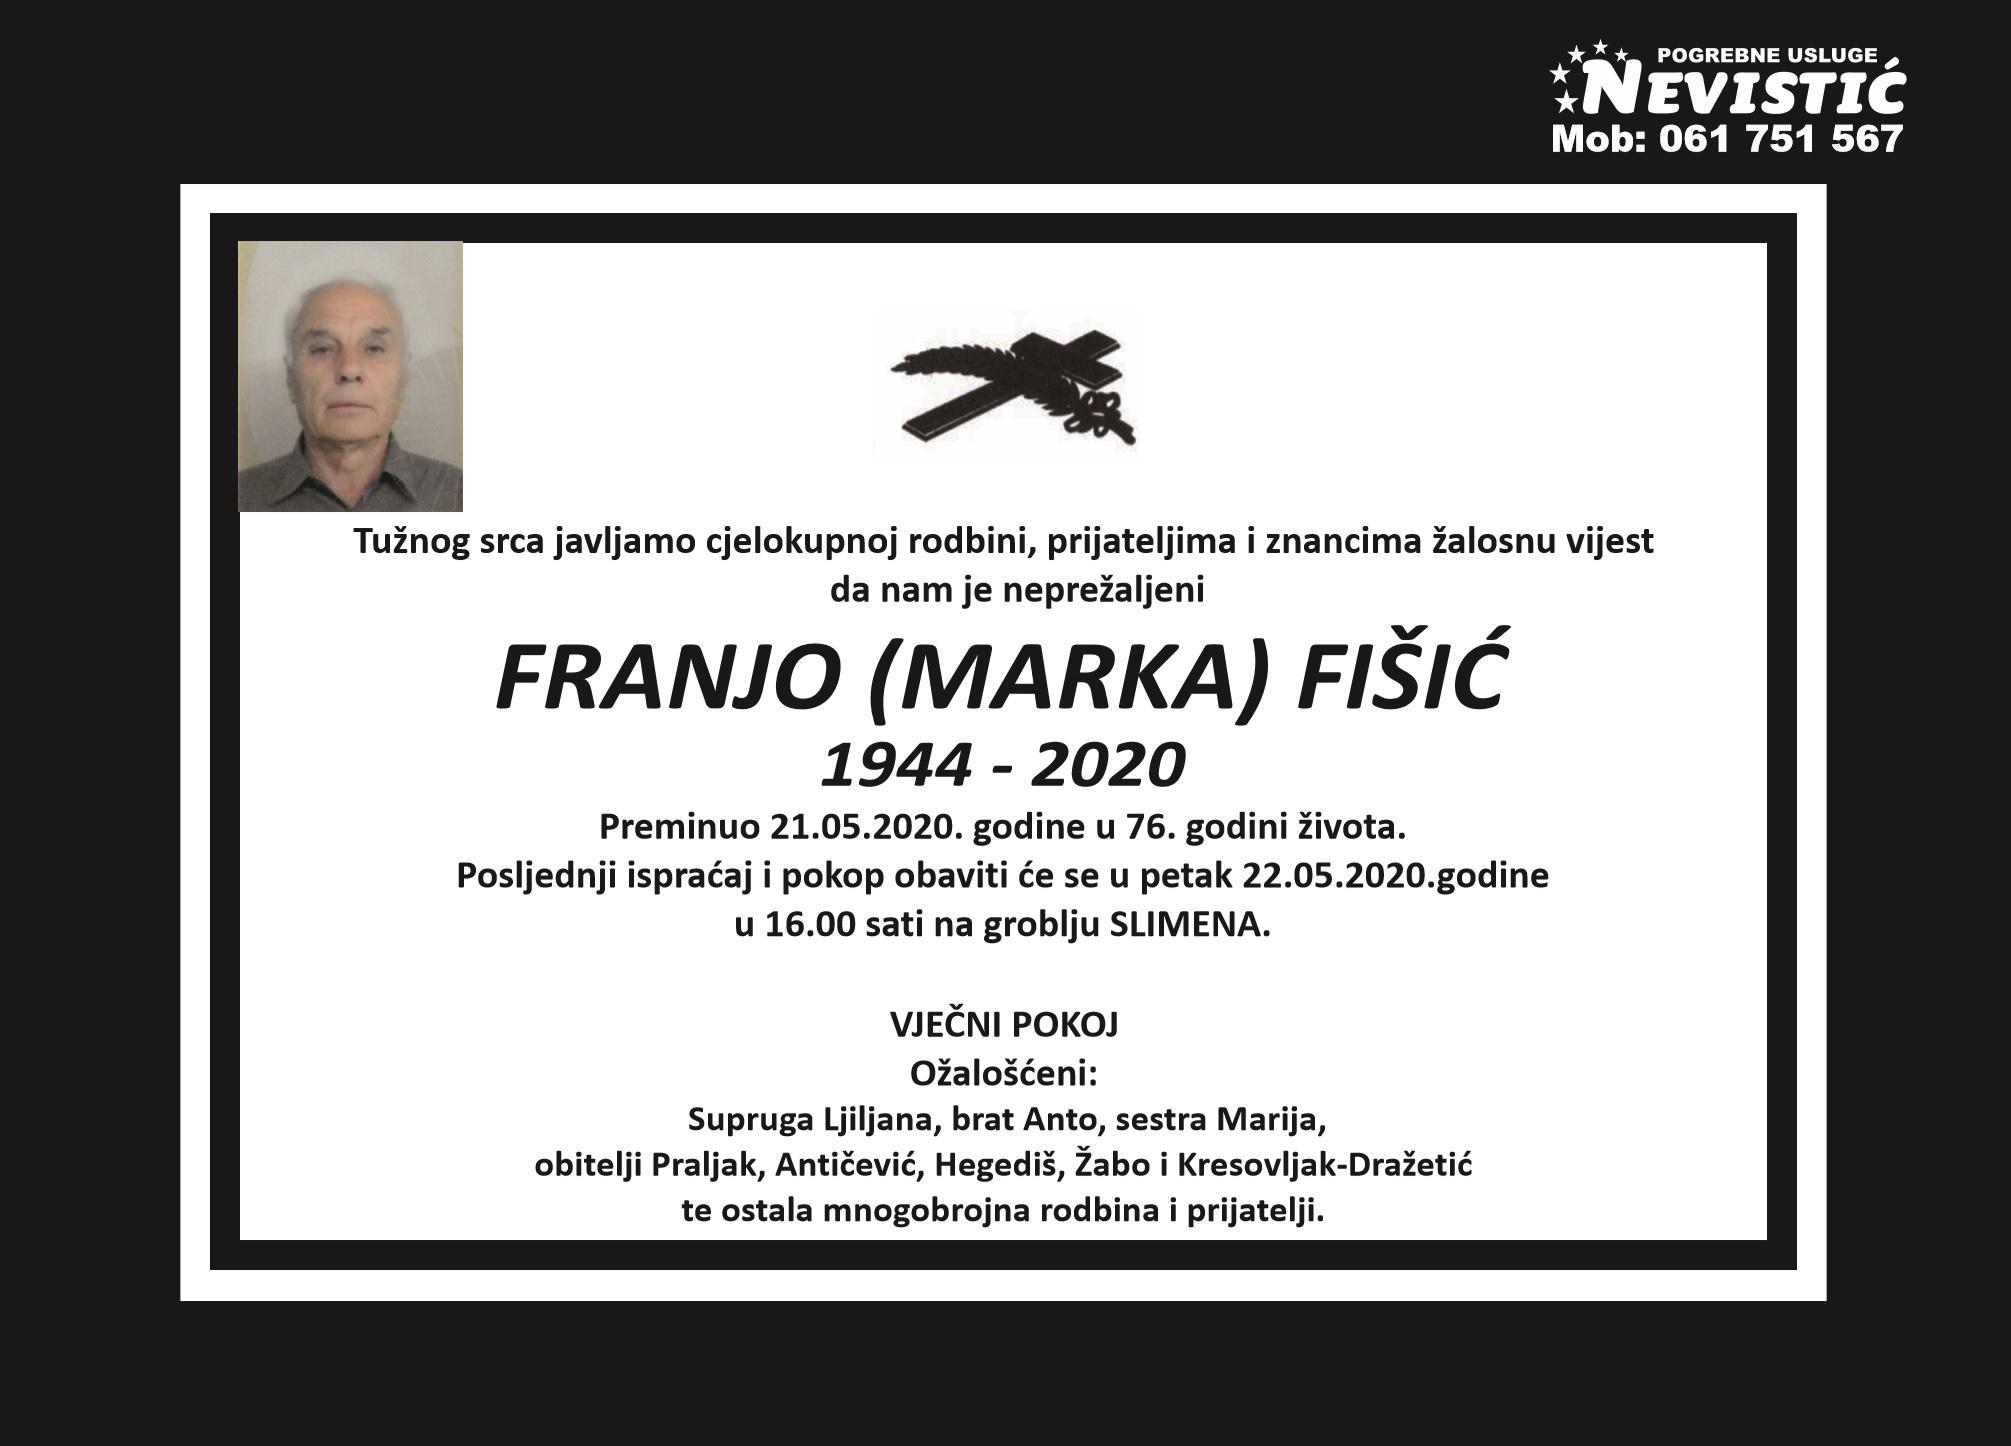 Franjo (Marka) Fišić